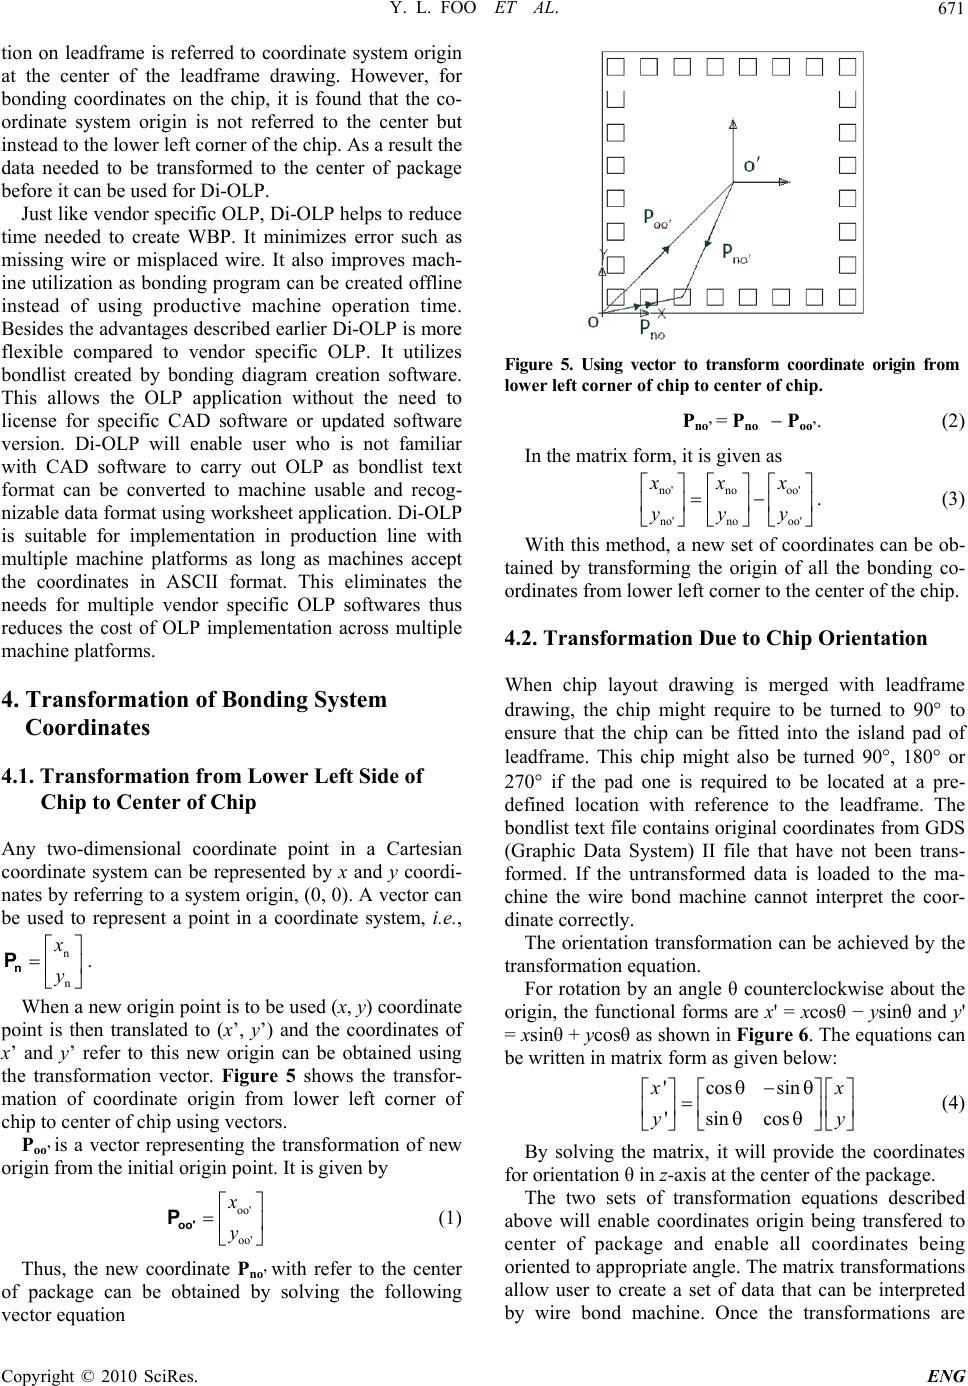 Wire Bonding Using Offline Programming Method Olp Wiring Diagram Y L Foo Et Al